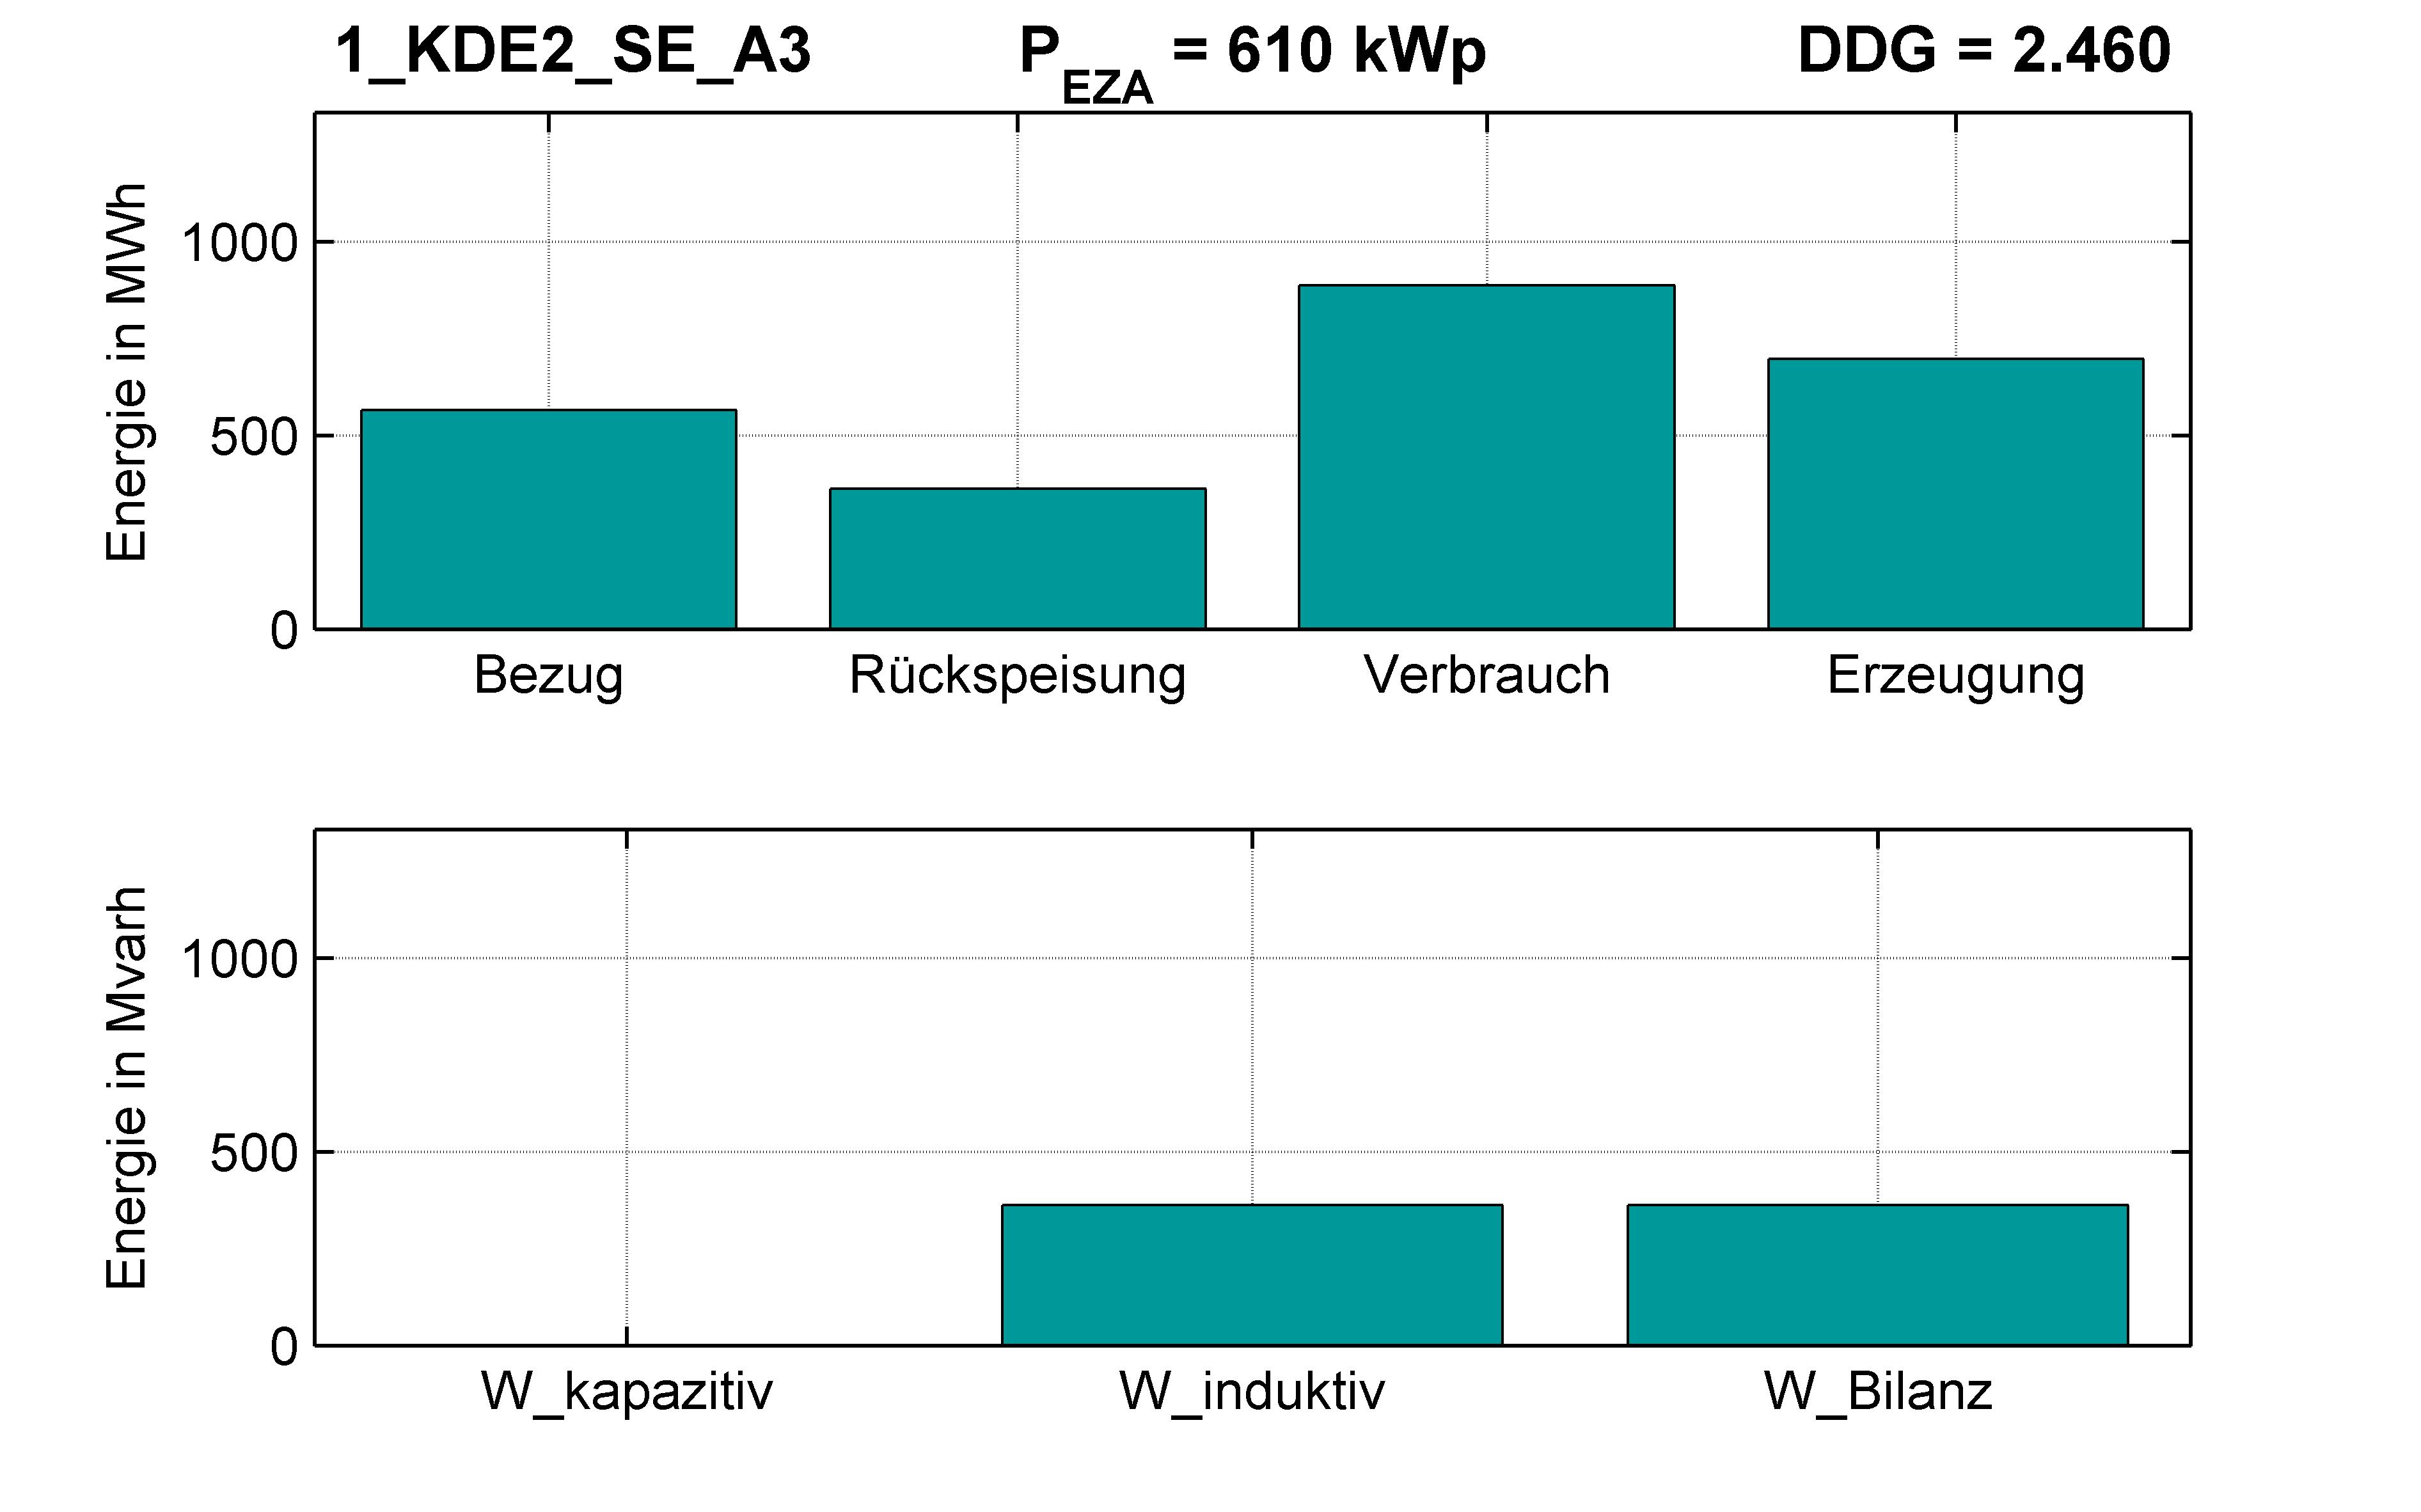 KDE2 | KABEL (SE) A3 | PQ-Bilanz